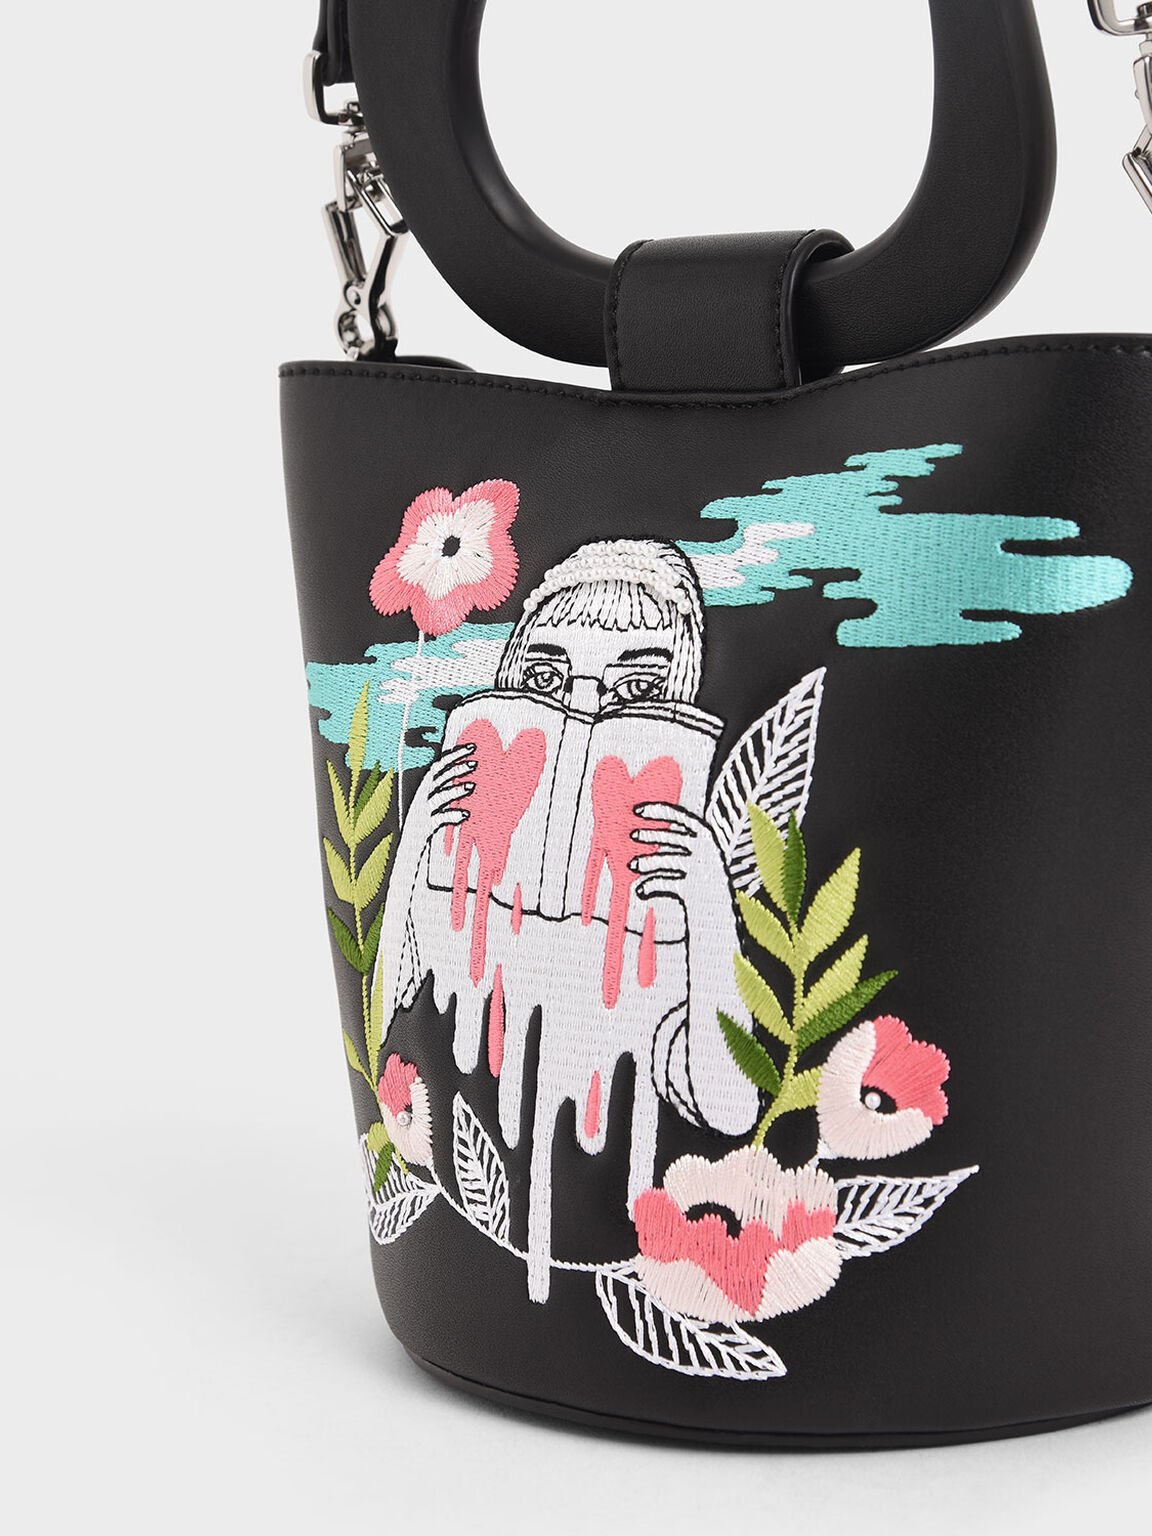 CHARLES & KEITH By Teeteeheehee: Sculptural Handle Embroidered Bucket Bag, Black, hi-res